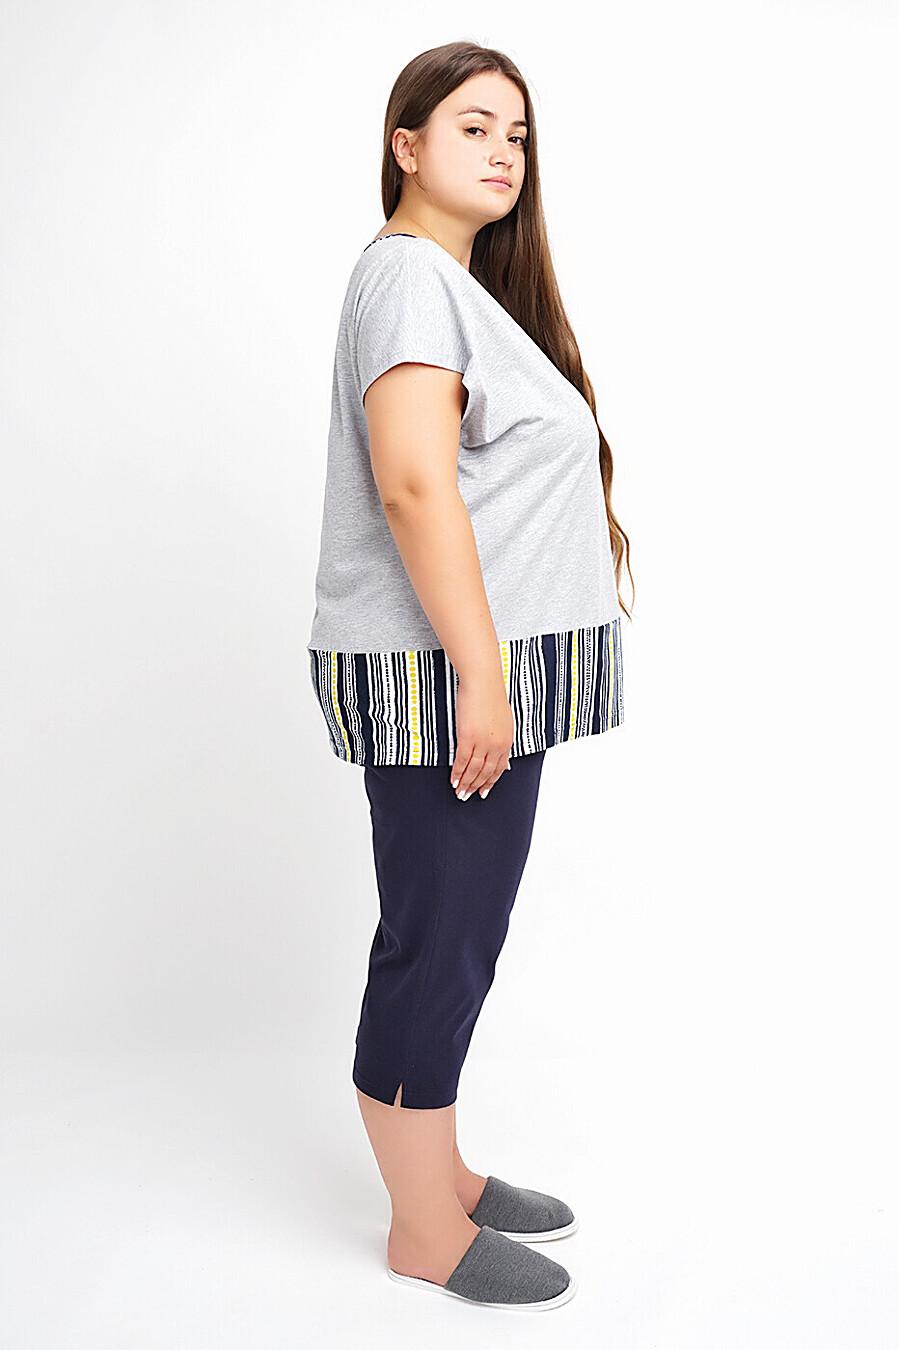 Костюм (футболка+бриджи) для женщин CLEVER 272737 купить оптом от производителя. Совместная покупка женской одежды в OptMoyo